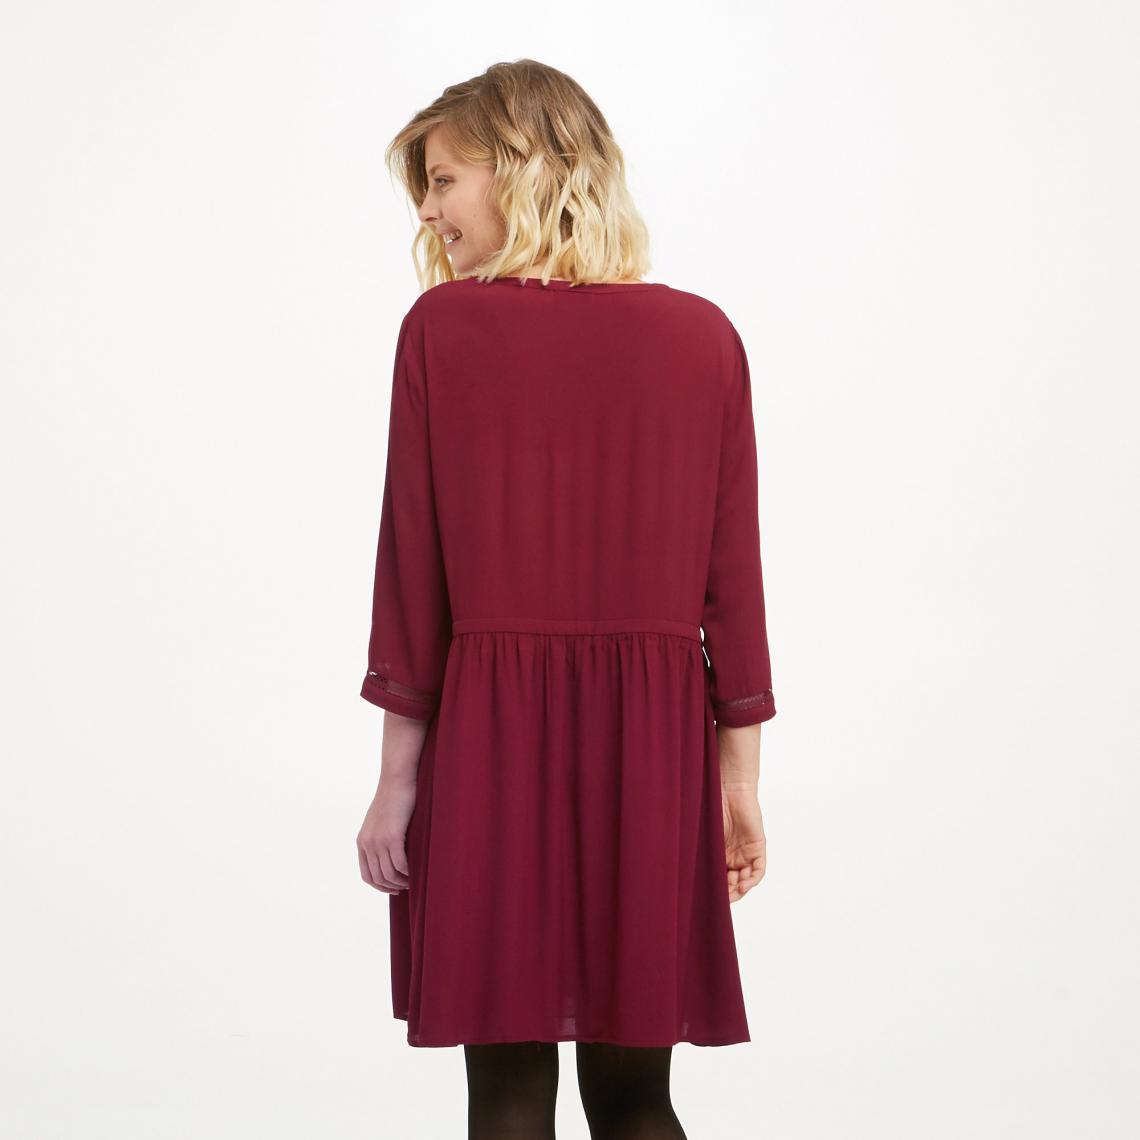 Femme U 3suisses Soon Robe 34 See Courte Bordeaux Manches nfqwxvR